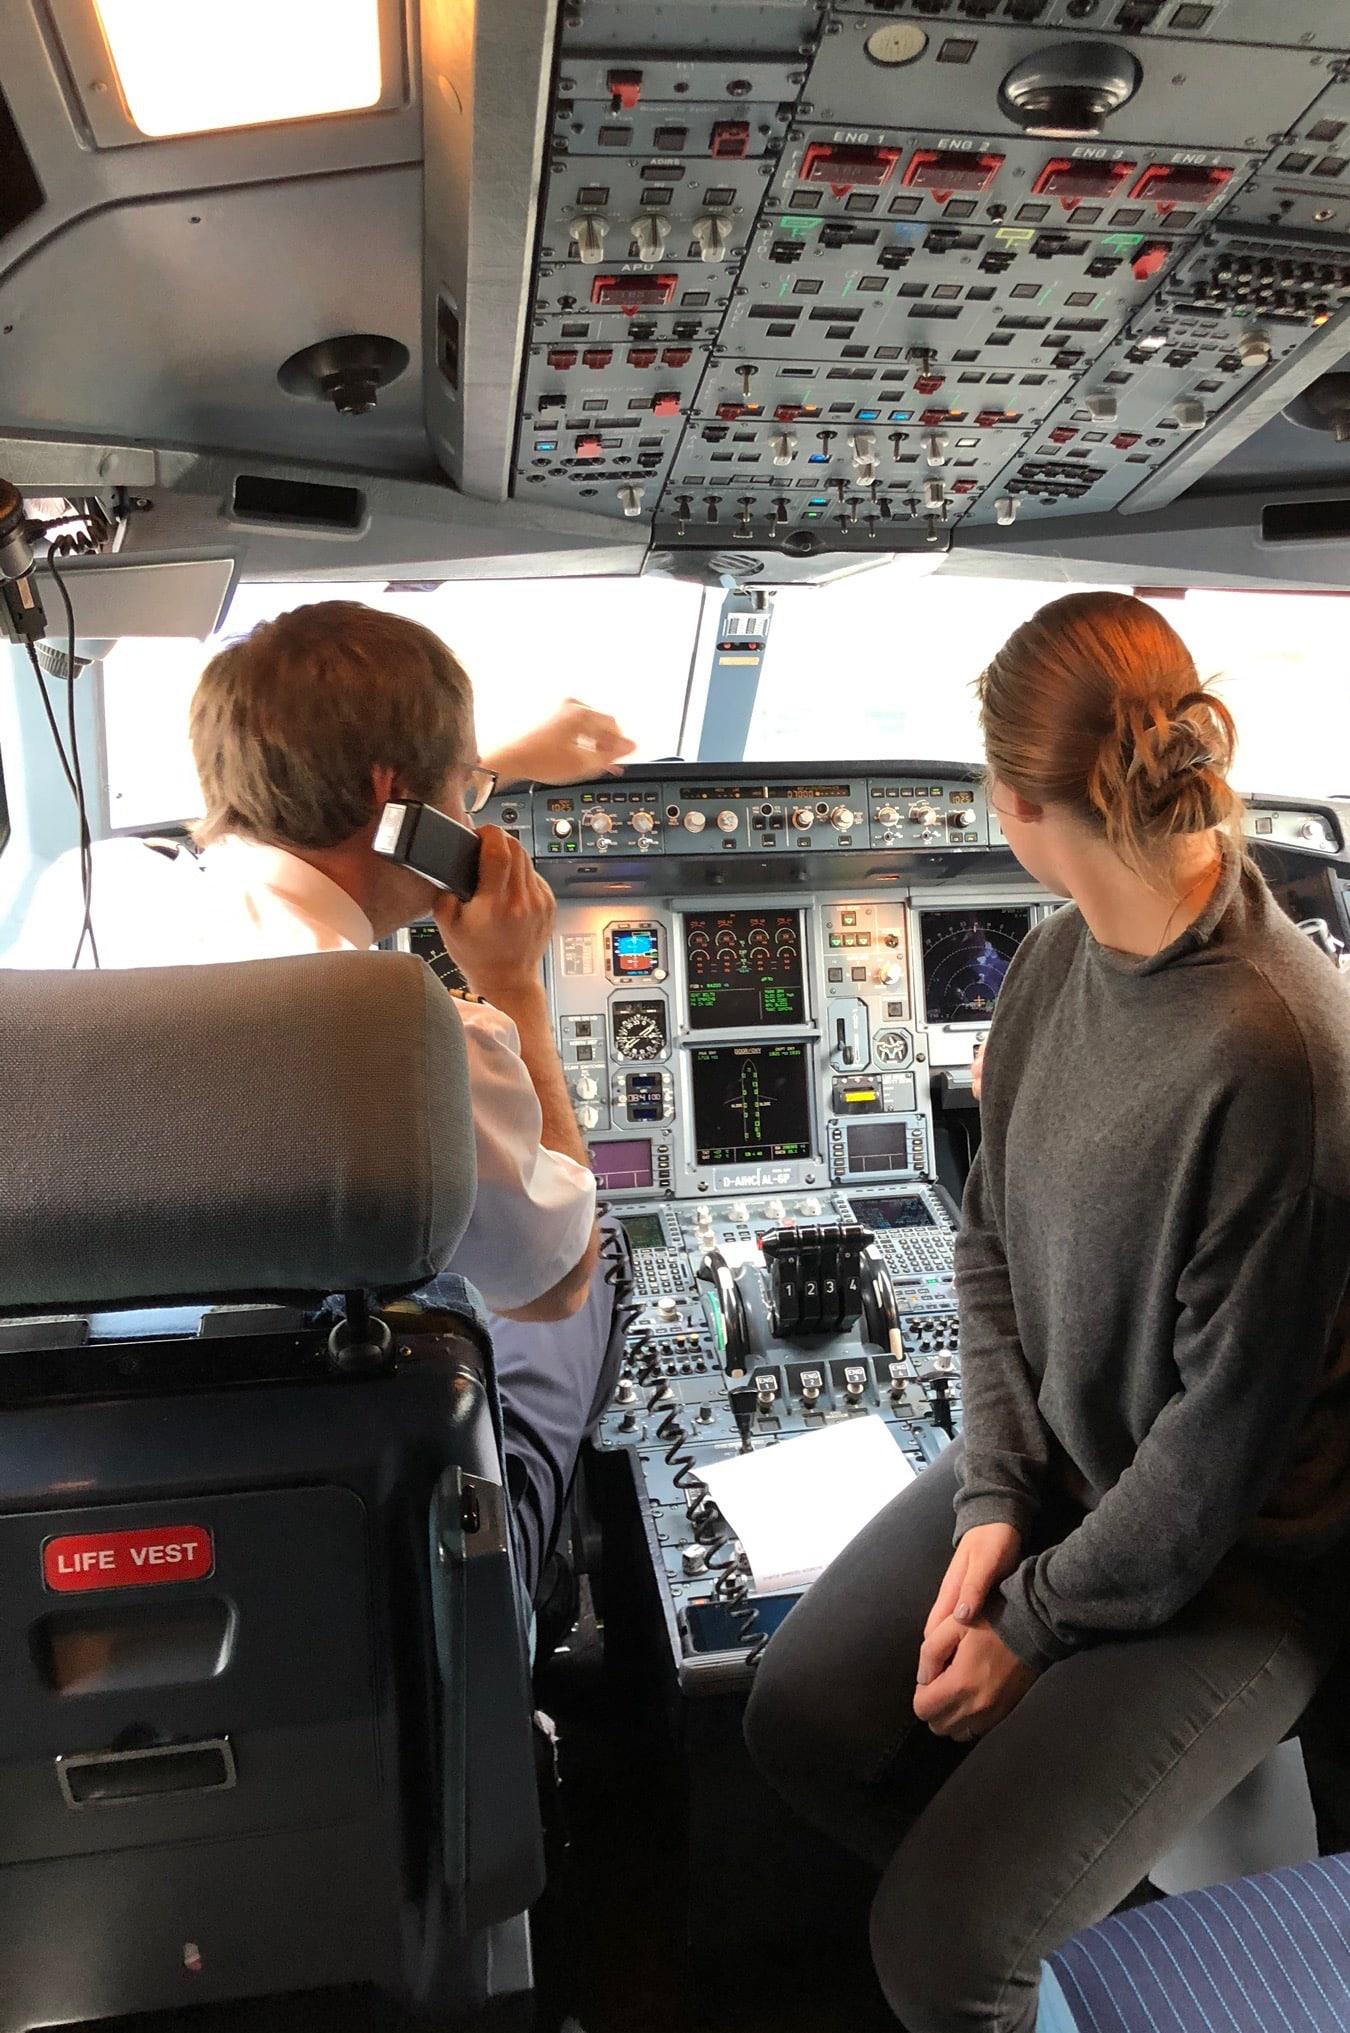 IATA code FRA